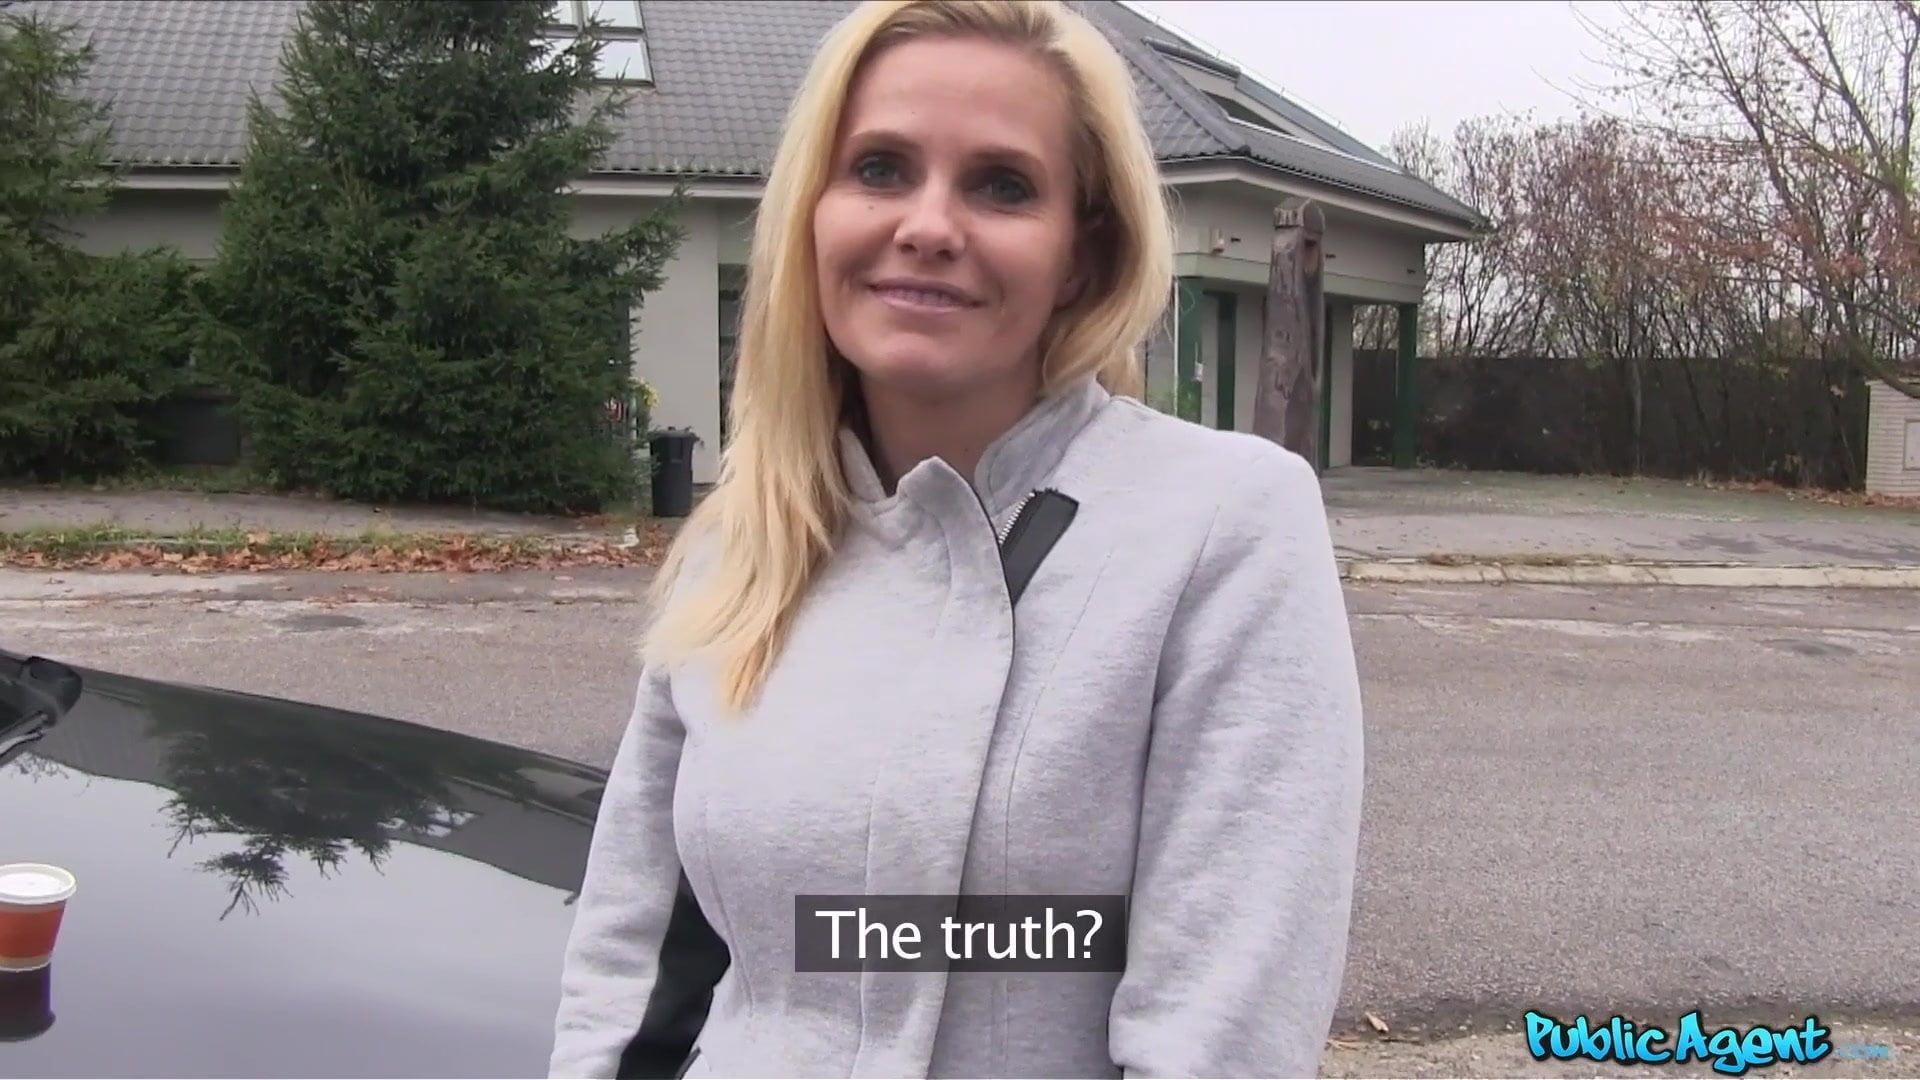 Groß titten agent blond Public Public Agent